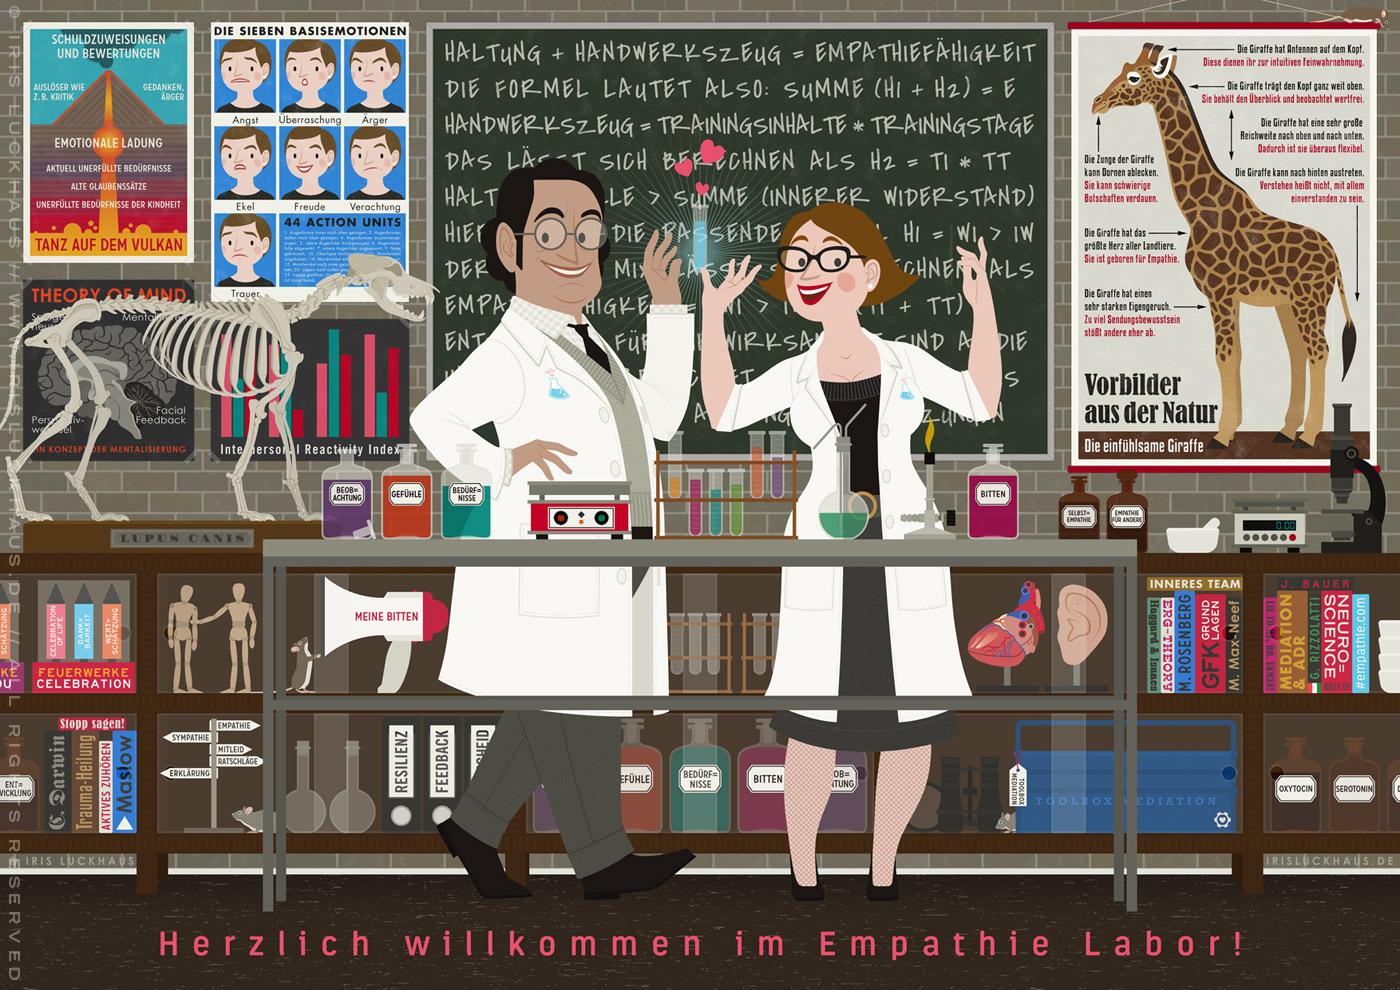 Plakat mit einem Empathie-Labor, wo Chemikerin und Chemiker in einem Labor mit Reagenzgläsern und Laborkolben, einem Wolfsskelett und Infografik zu Mimikresonanz, Vulkan und Giraffe die Formel für Empathie finden, für EmpaTrain